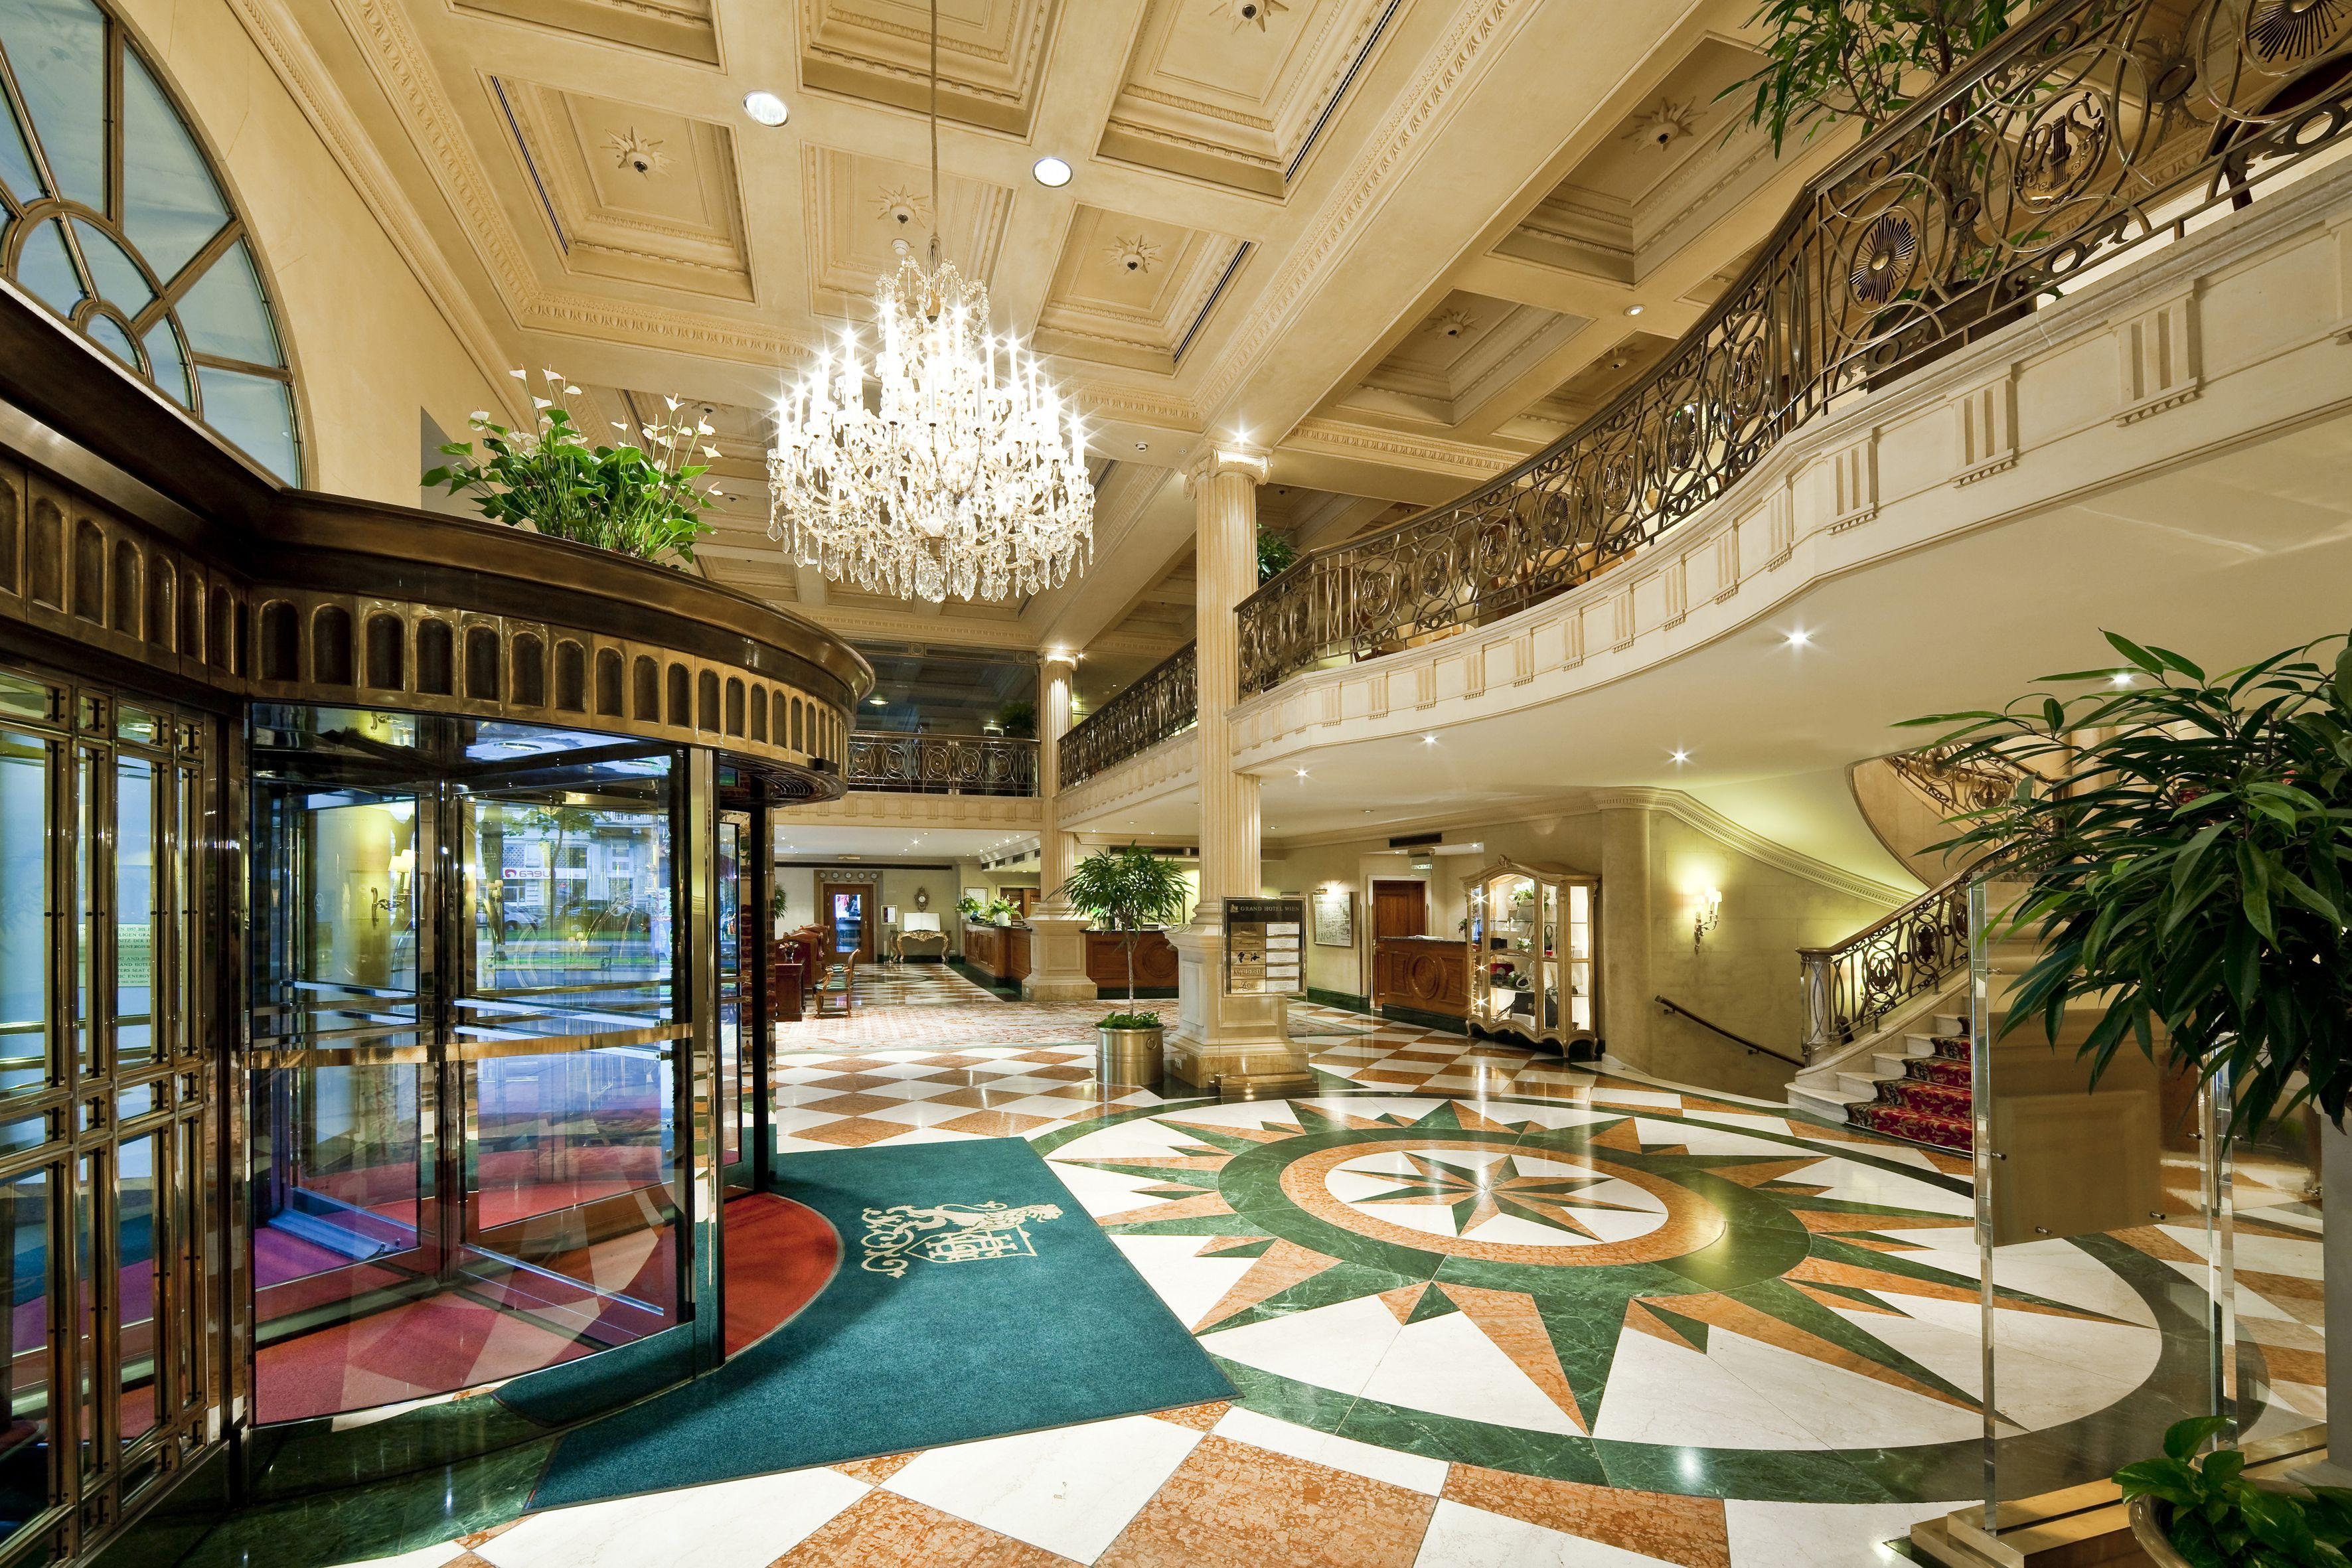 Grand Hotel Wien - Lobby #luxpitality #grandhotelwien #